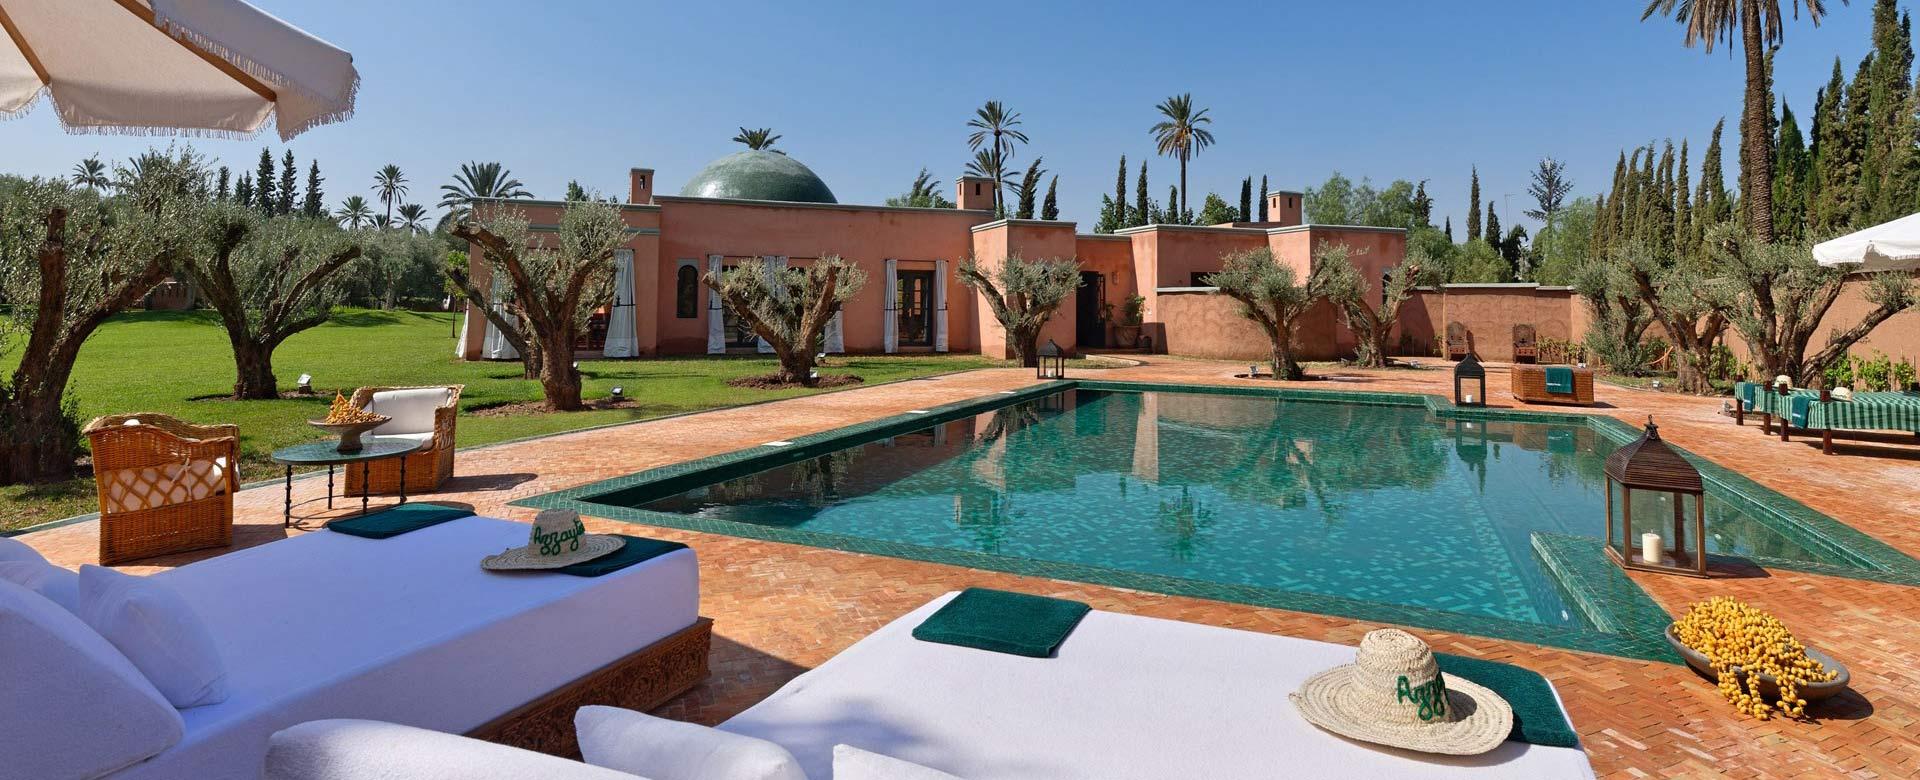 villa avec piscine chauff e marrakech